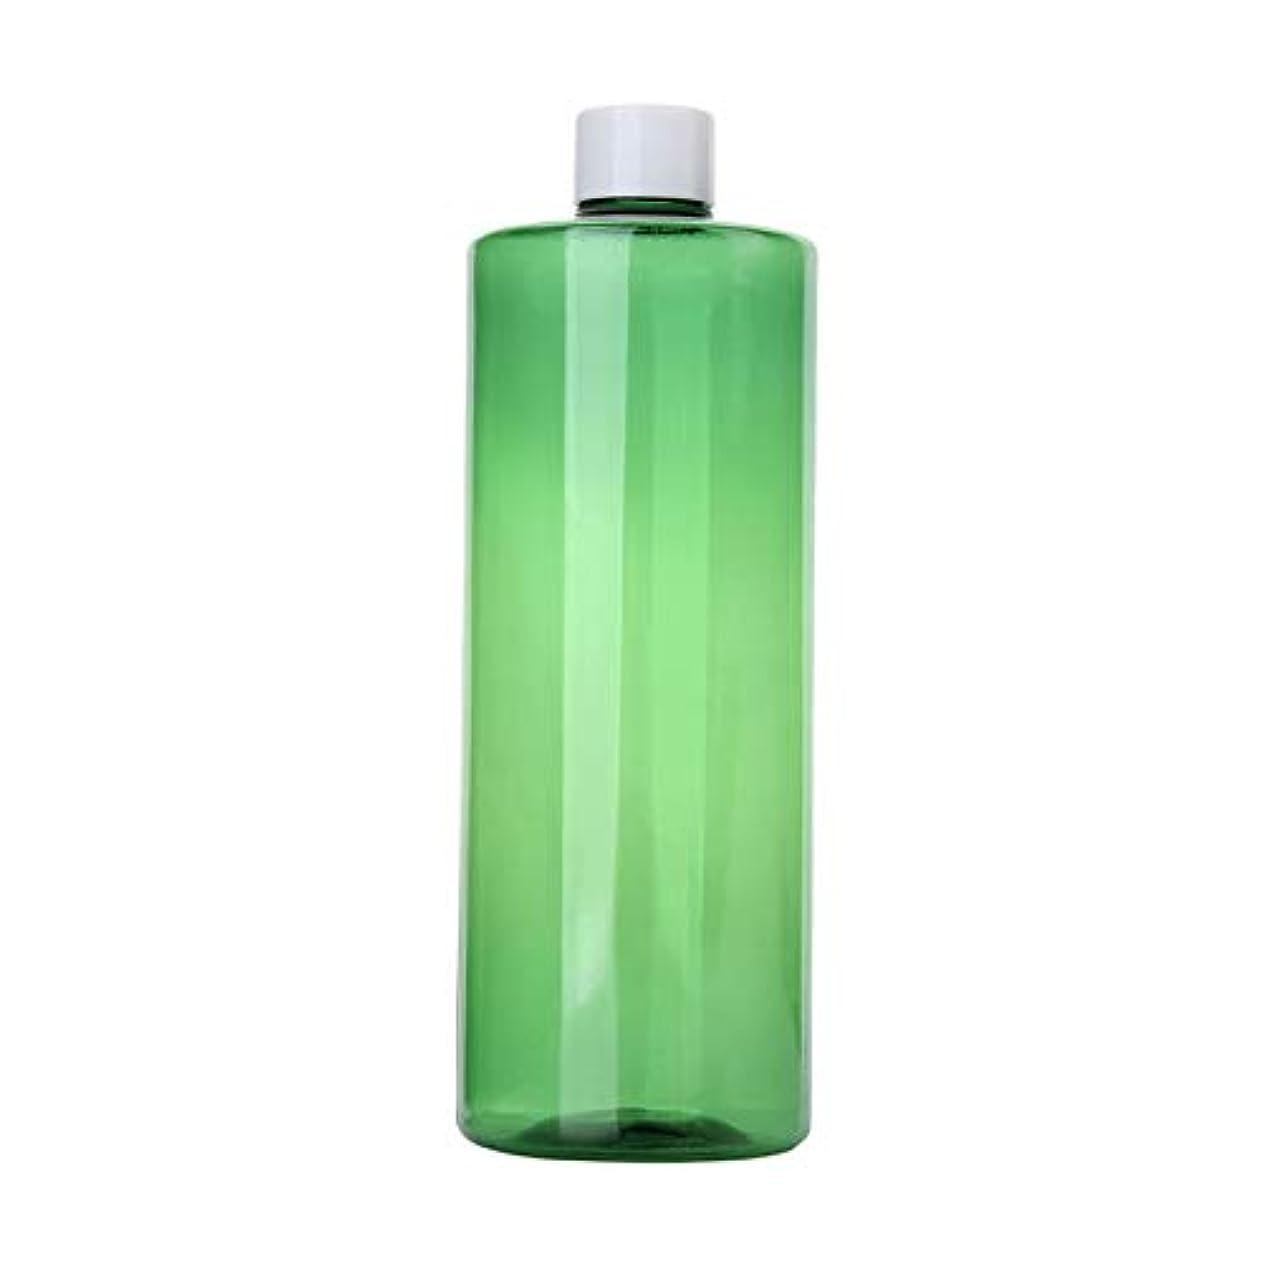 望ましいオートディプロマ1本 化粧品用 詰め替えボトル 詰め替え容器 大容量 500ml 中栓付き 使いやすい 化粧水用 シャンプー クリーム 貯蔵用 携帯用 空容器 おしゃれ 白ヘッド グリーン